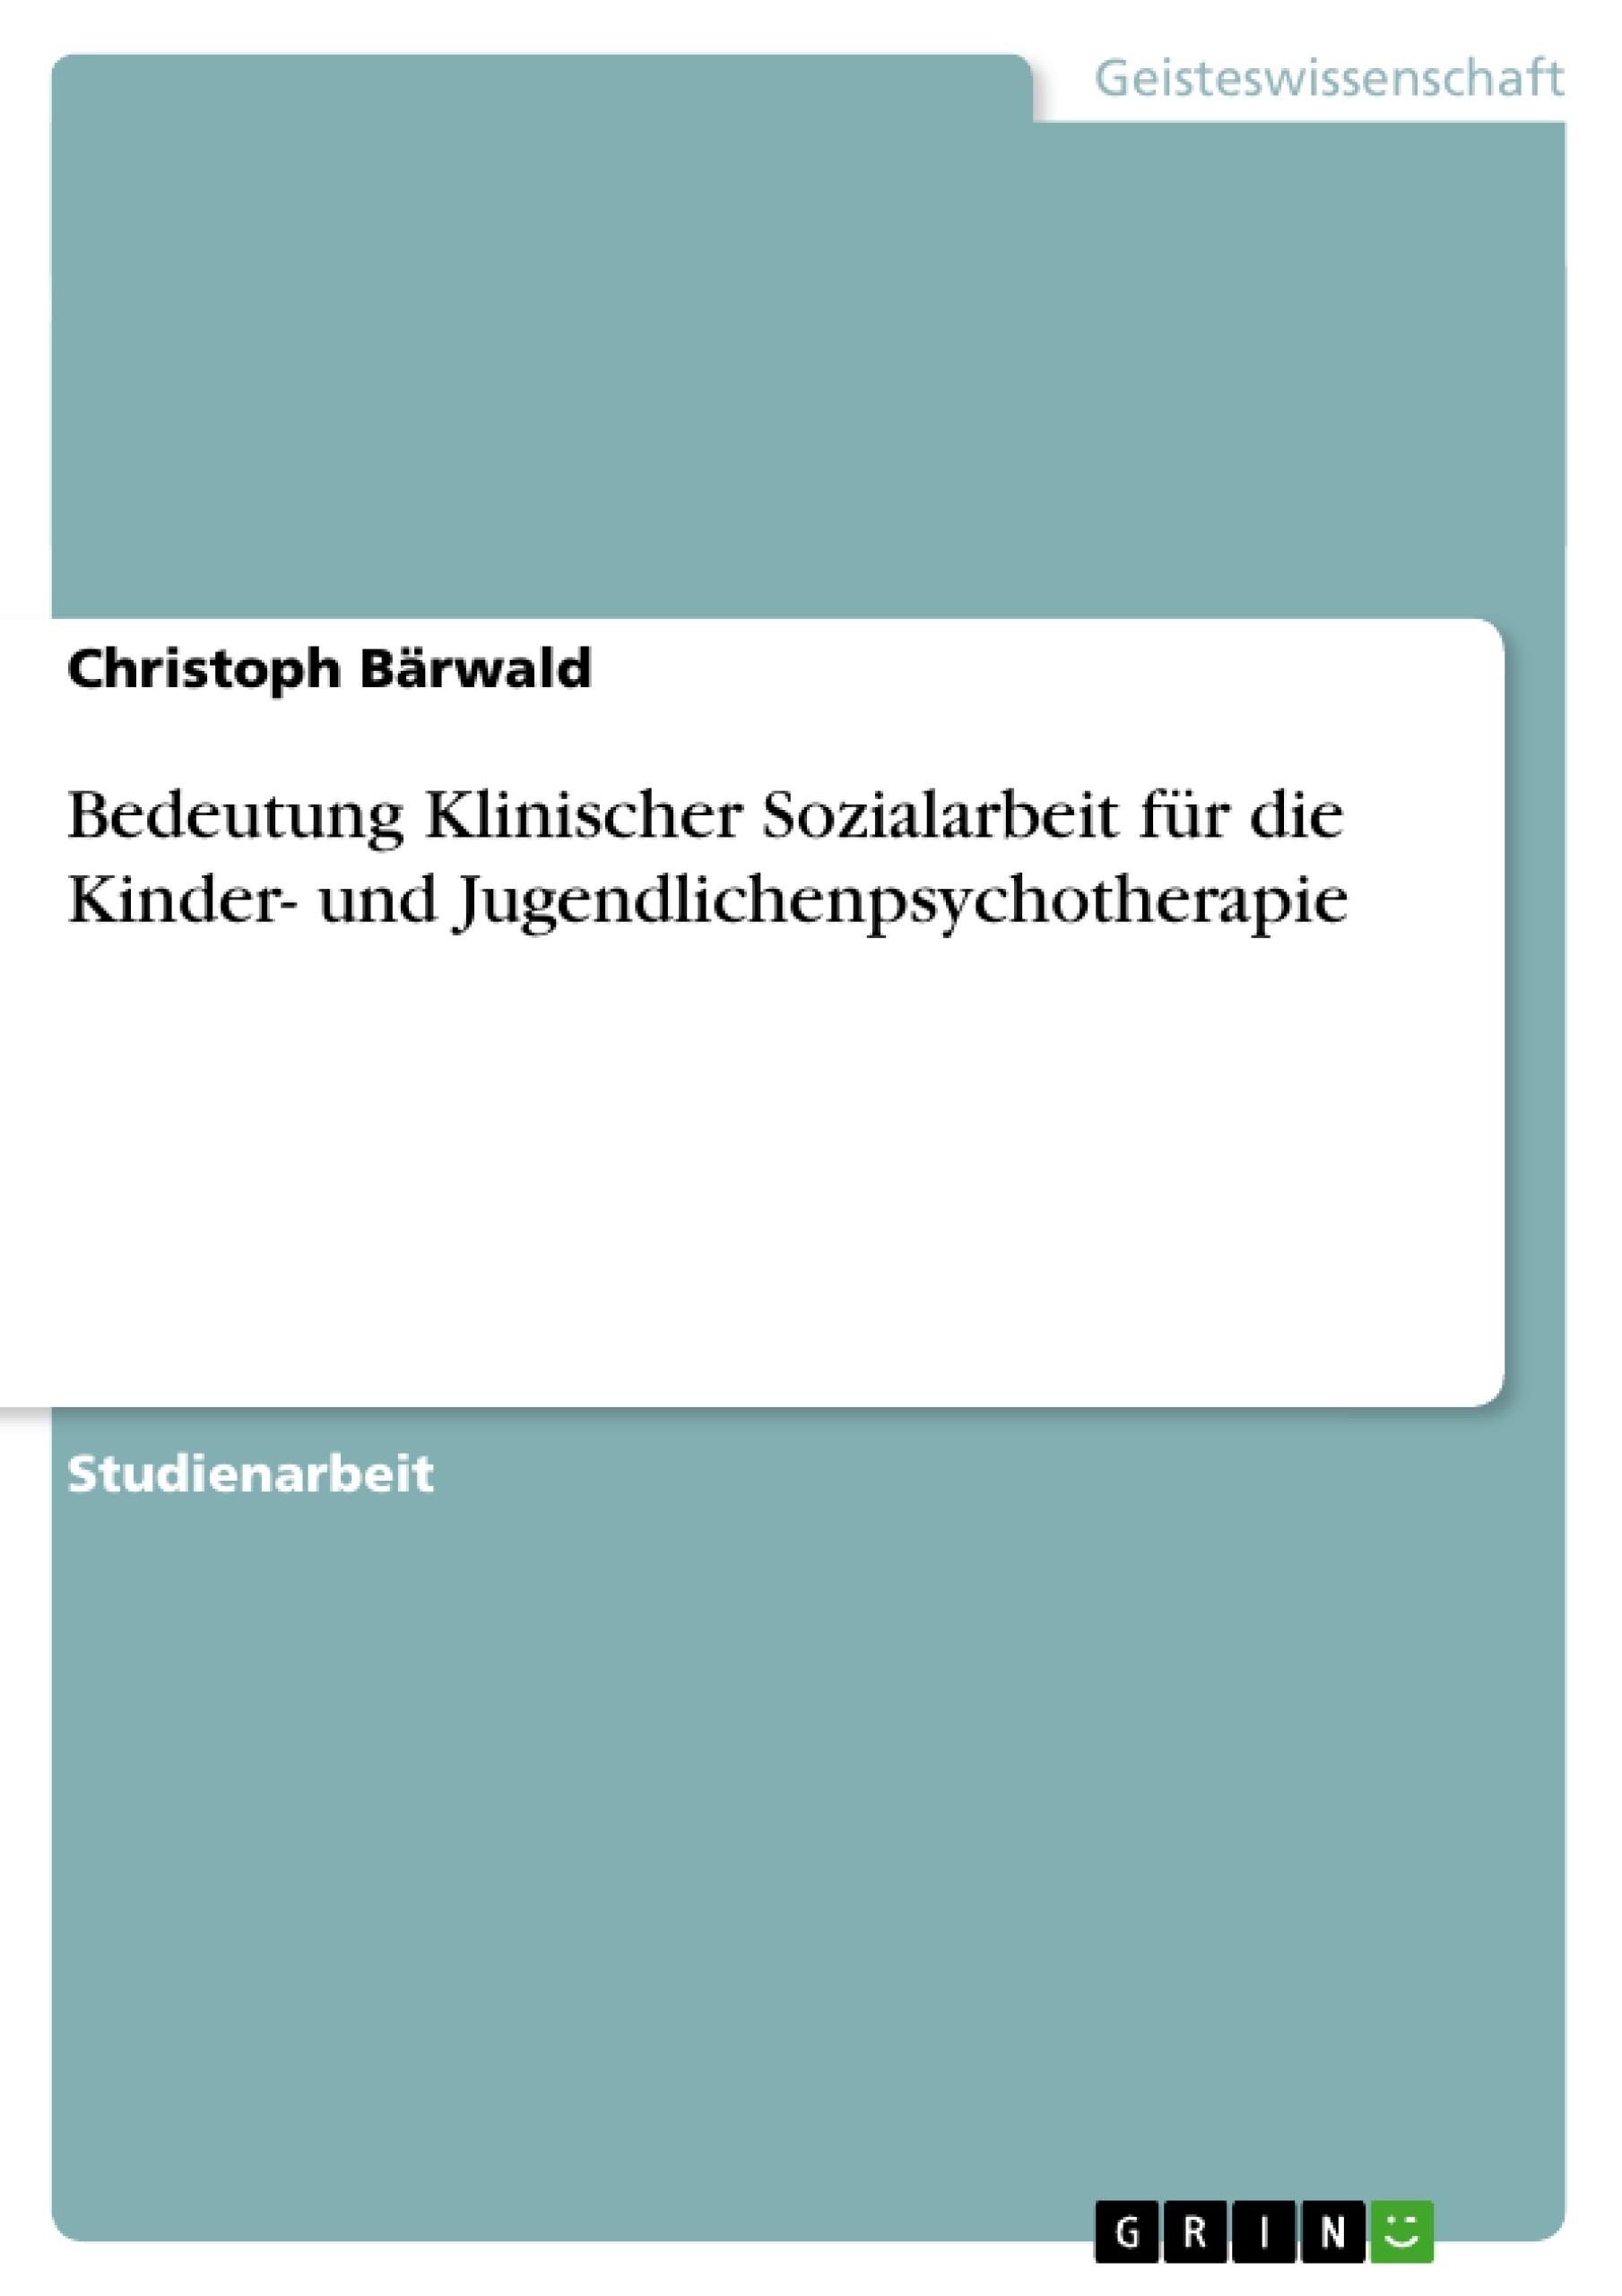 Titel: Bedeutung Klinischer Sozialarbeit für die Kinder- und Jugendlichenpsychotherapie